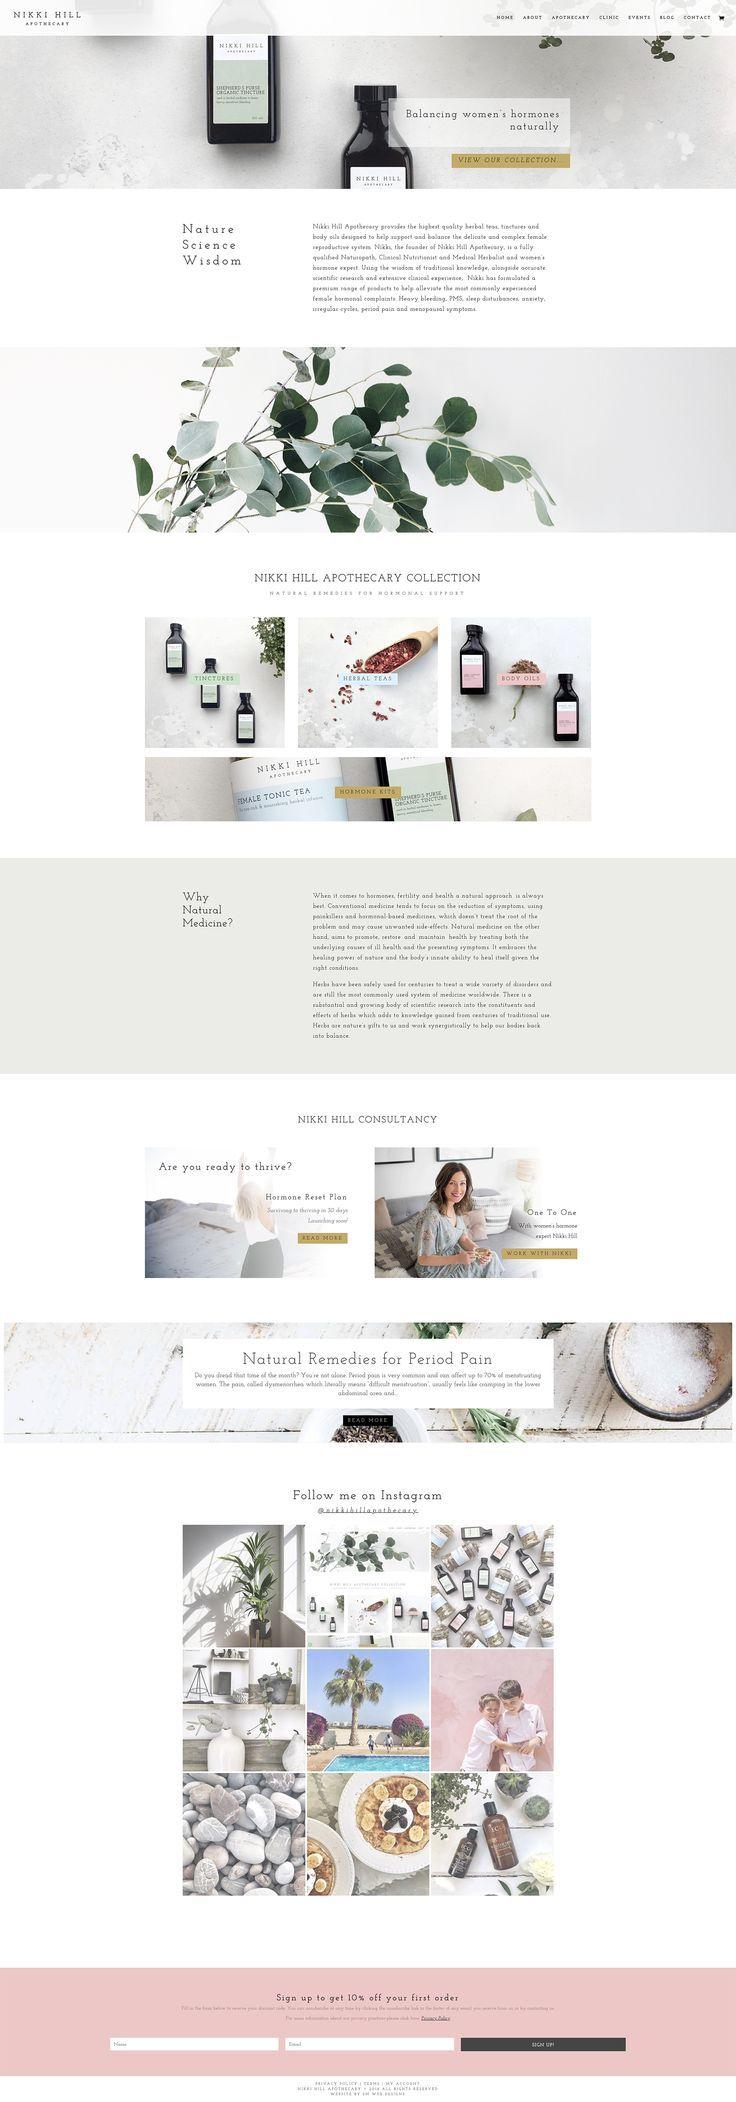 Web Design And Branding Portfolio Blog Design Inspiration Website Design Layout Website Design Inspiration